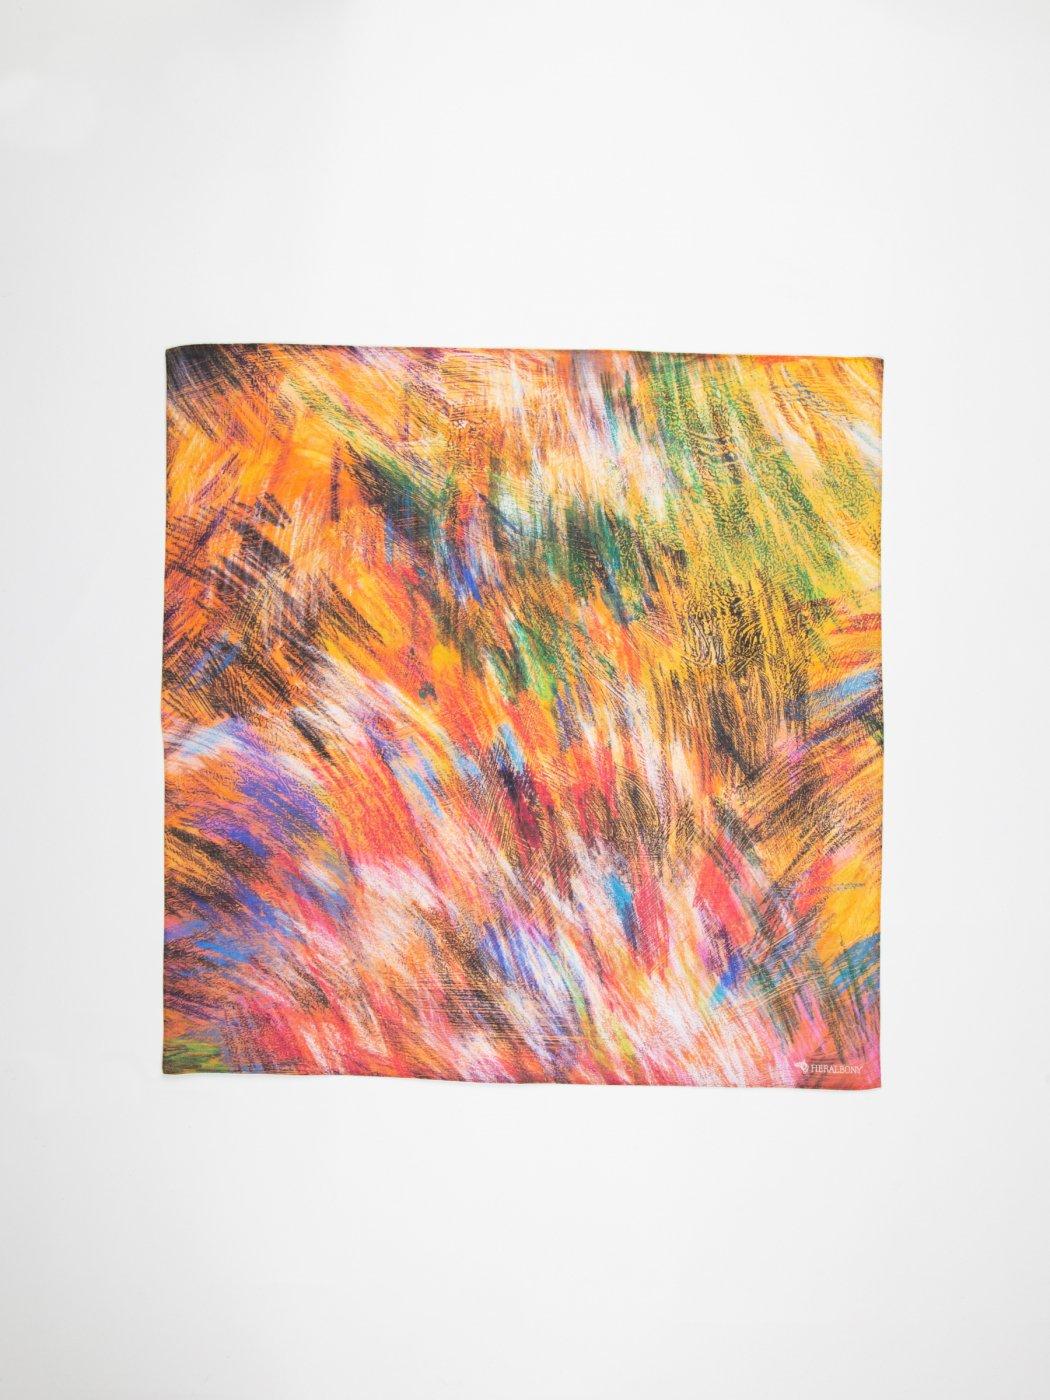 HERALBONY -ART HANDKERCHIEF- Minami Takahashi -風のロンド-Wind Rondo-